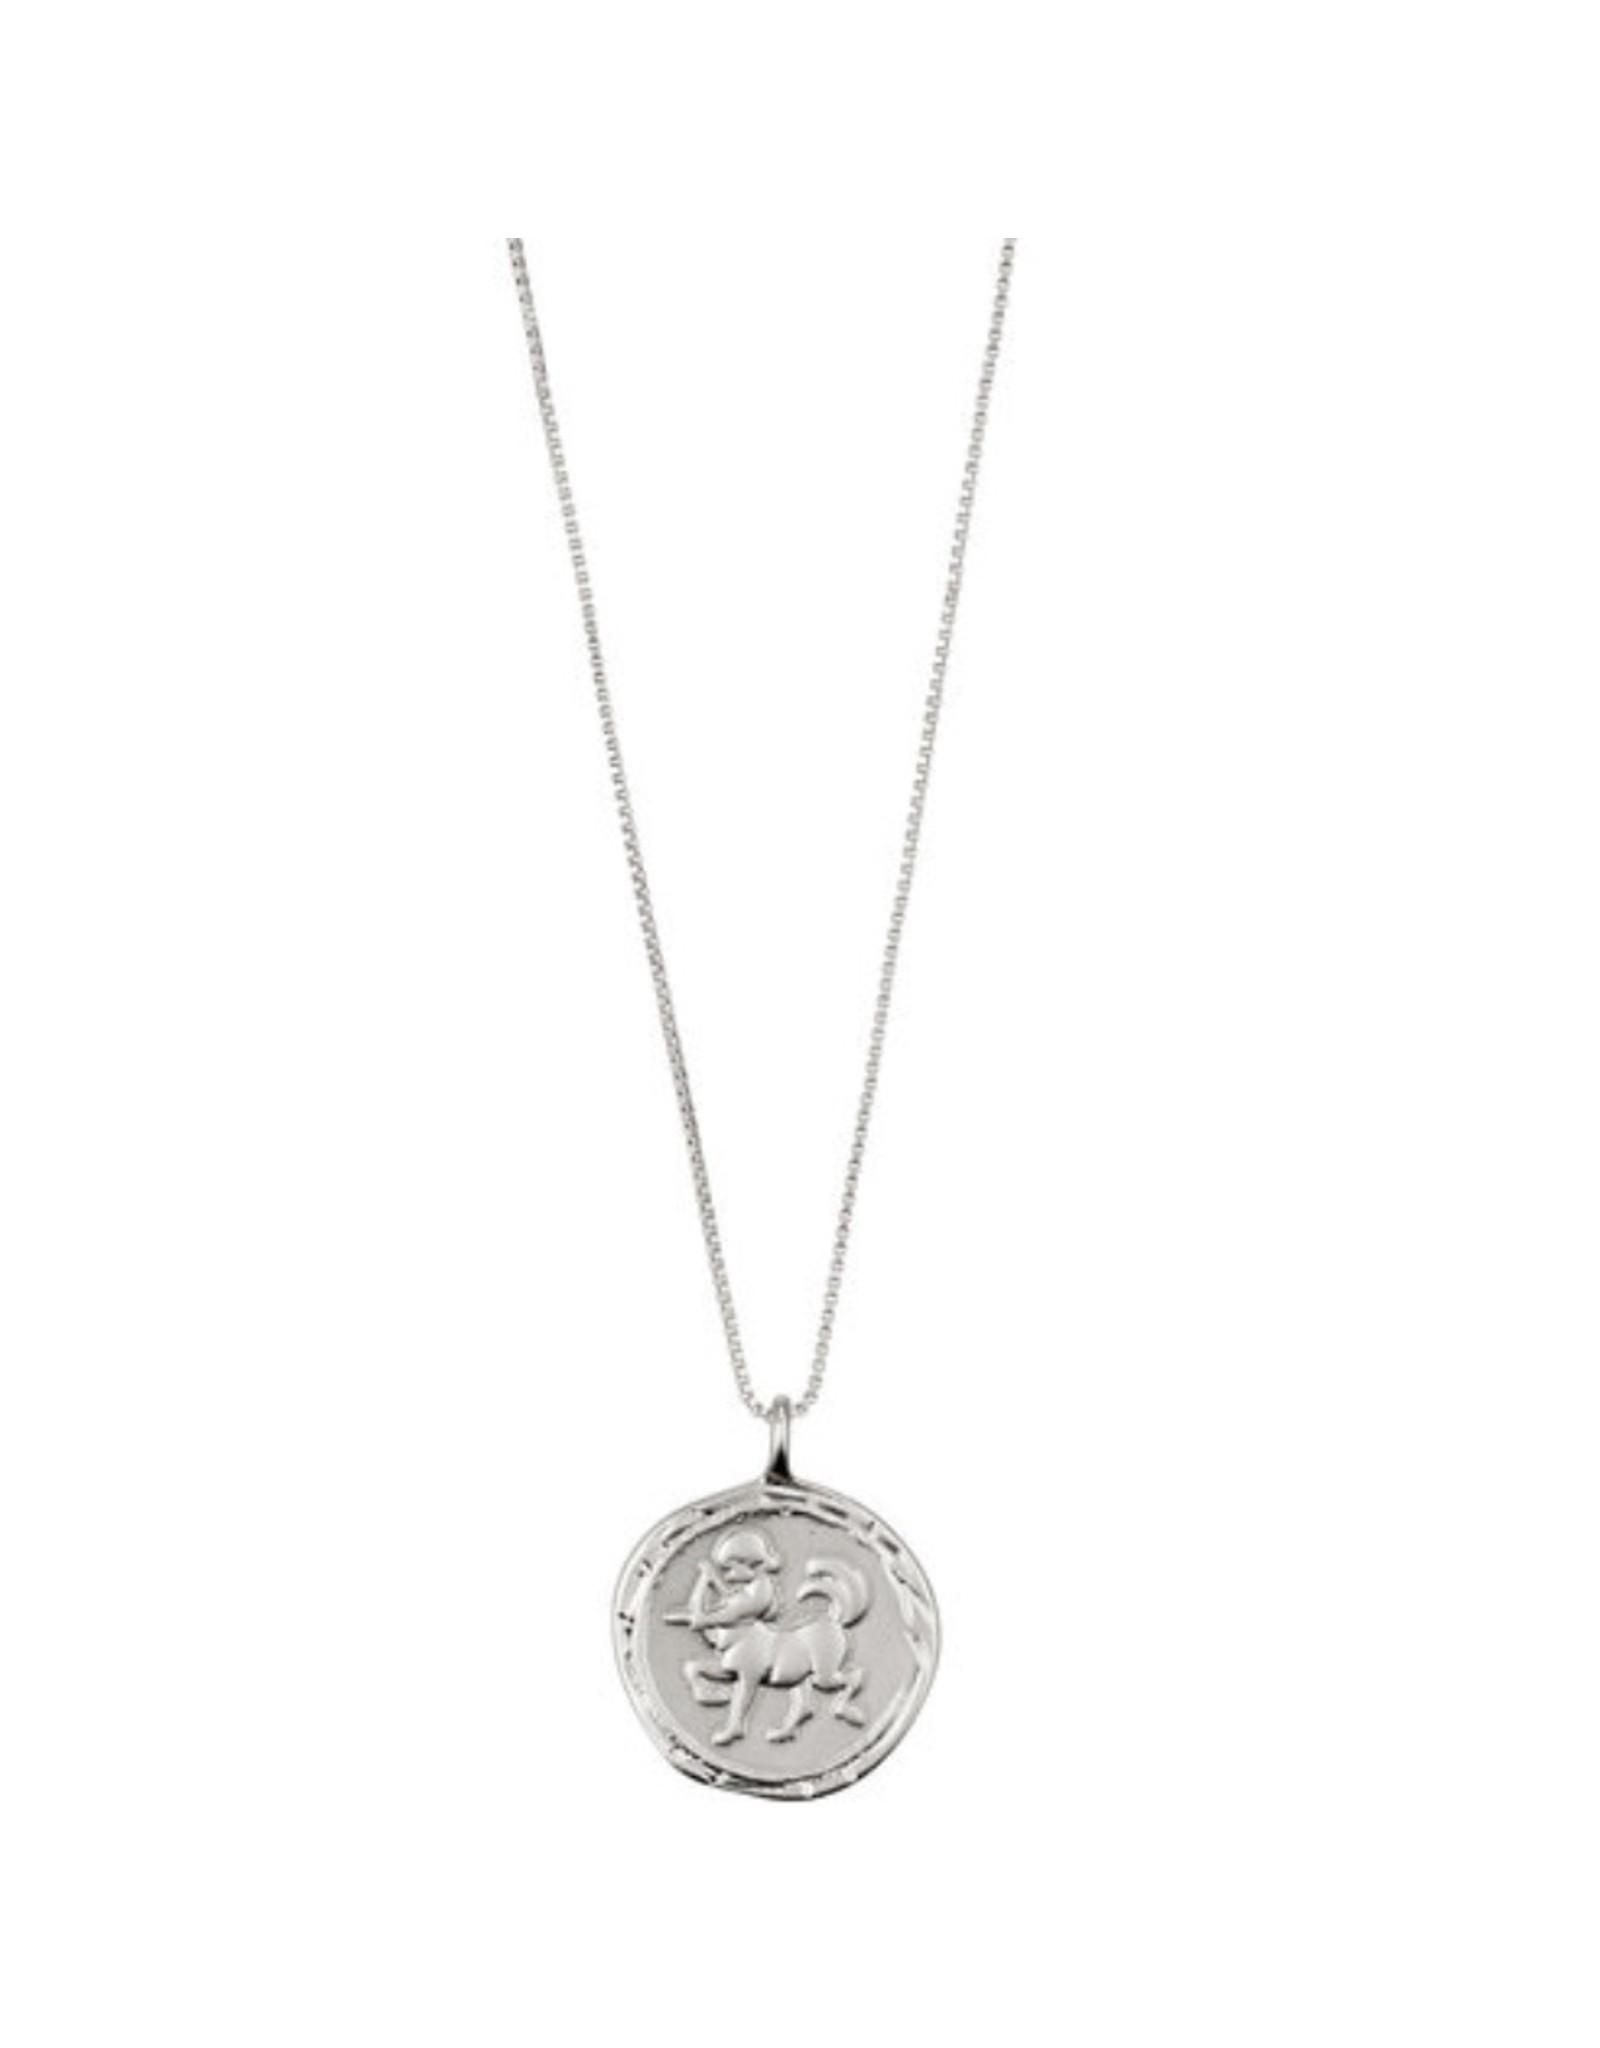 Pilgrim Necklace Silver Plated, Sagittarius